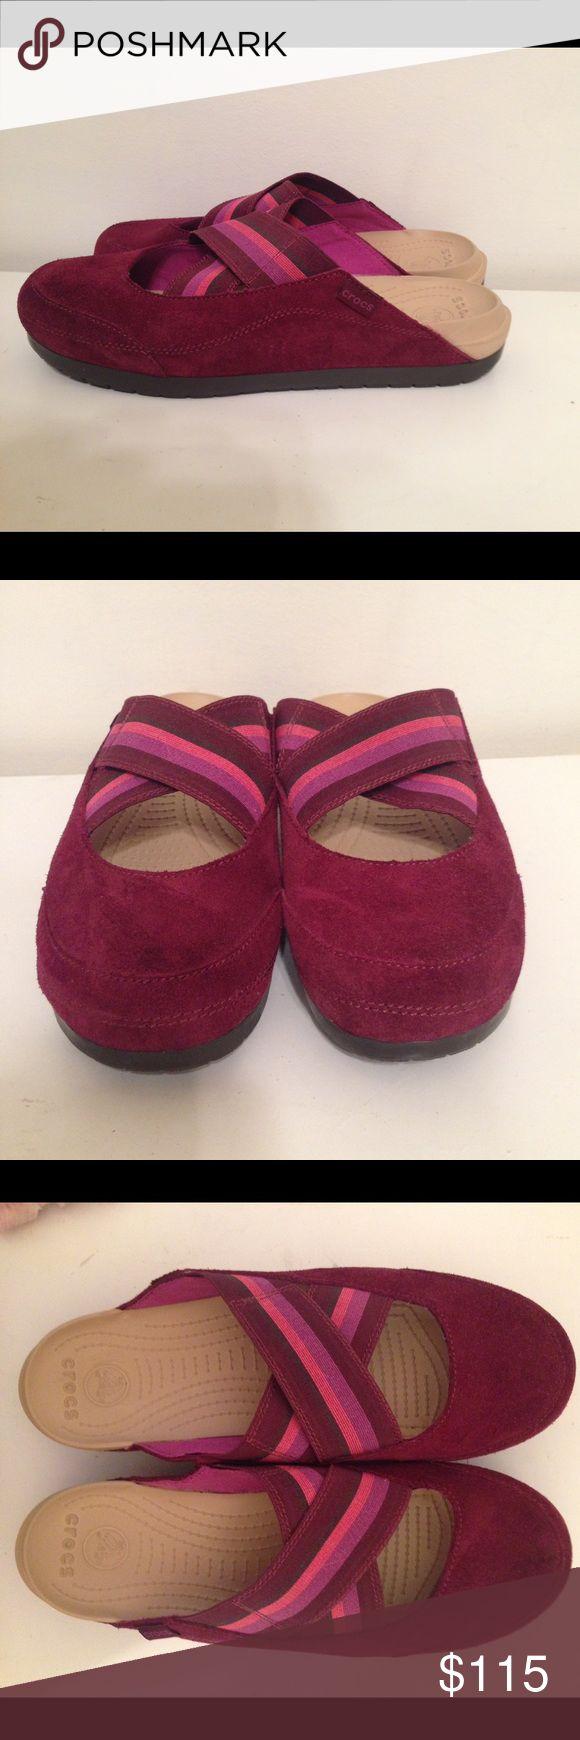 NEW RARE Crocs Edie Mule Shoes NEW RARE Crocs Edie Mule Ballet Flat burgundy/viola Size 11 crocs Shoes Mules & Clogs